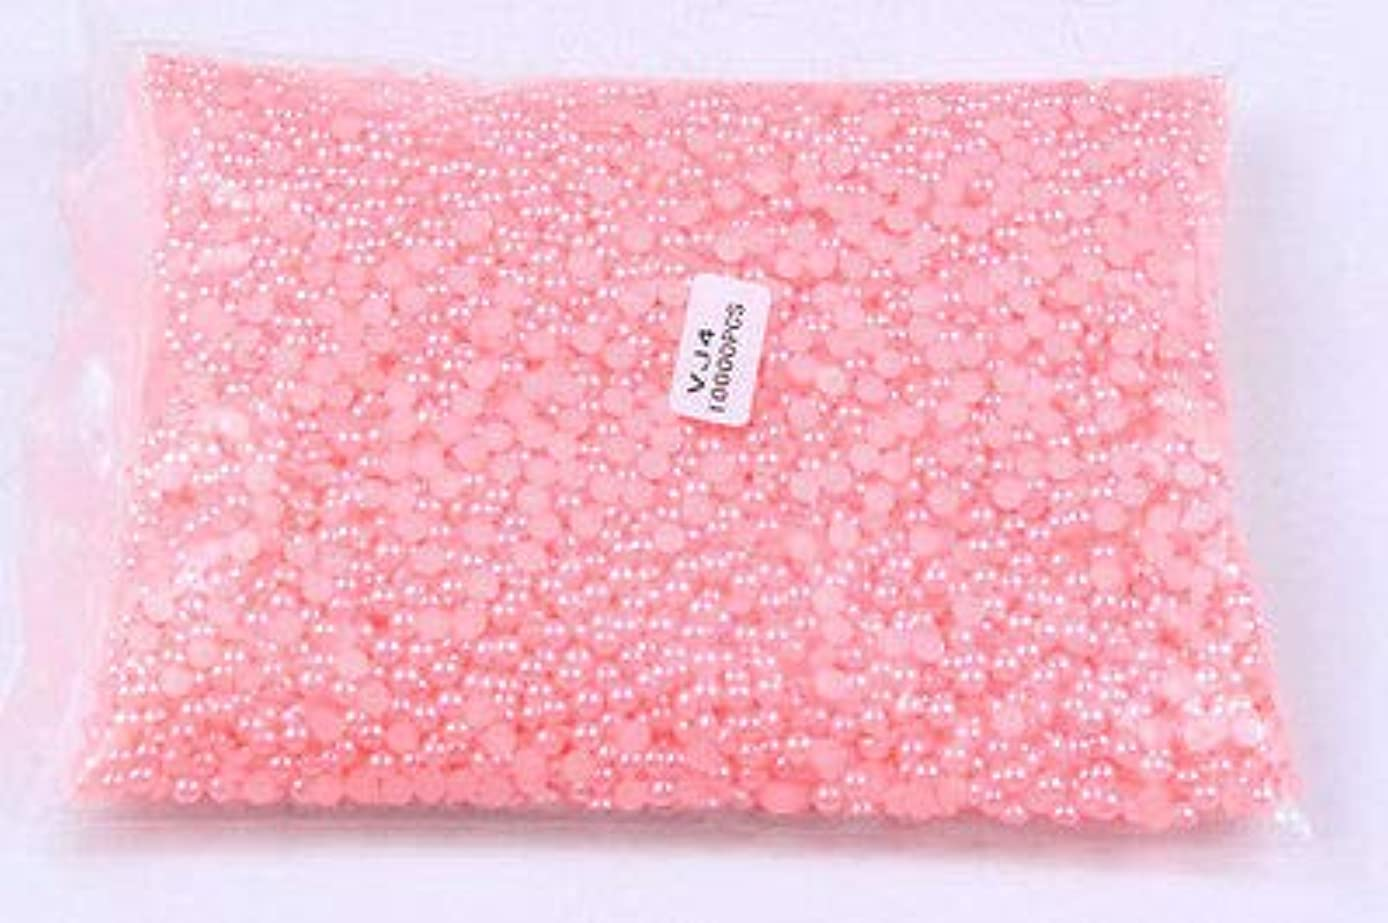 反抗娯楽安価なFidgetGear 10000個/パックピンクネイルアートハーフパール3Dラインストーンネイルチップデコレーション 4mm